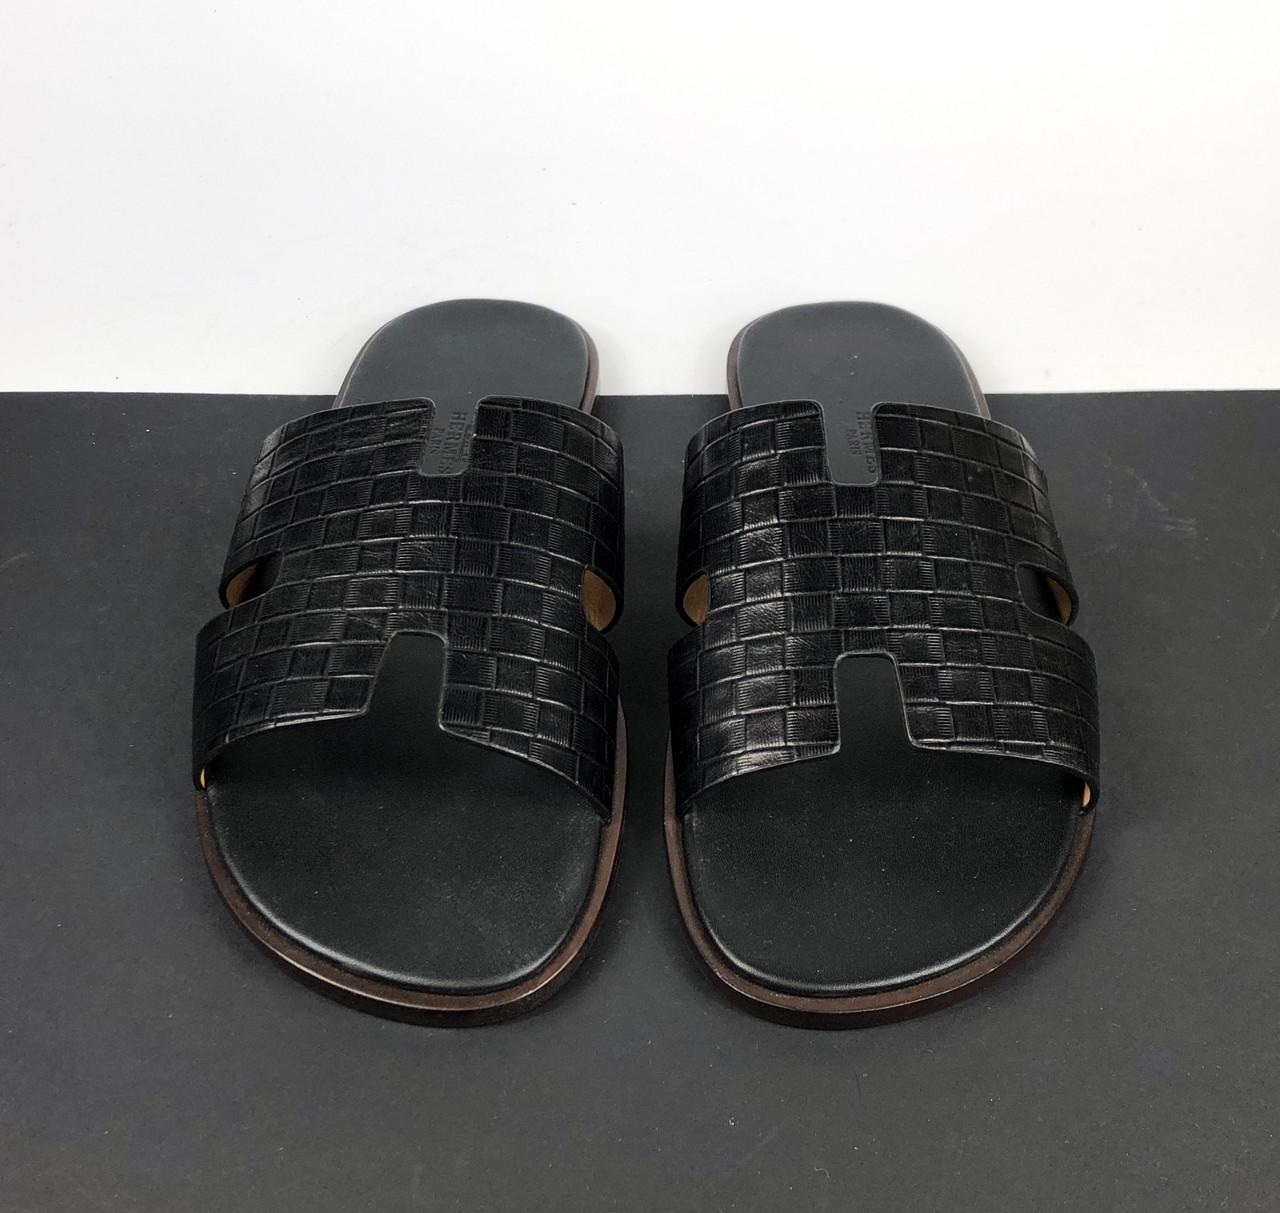 Кожаный шепанцы Hermès (Гермес) арт. 112-03